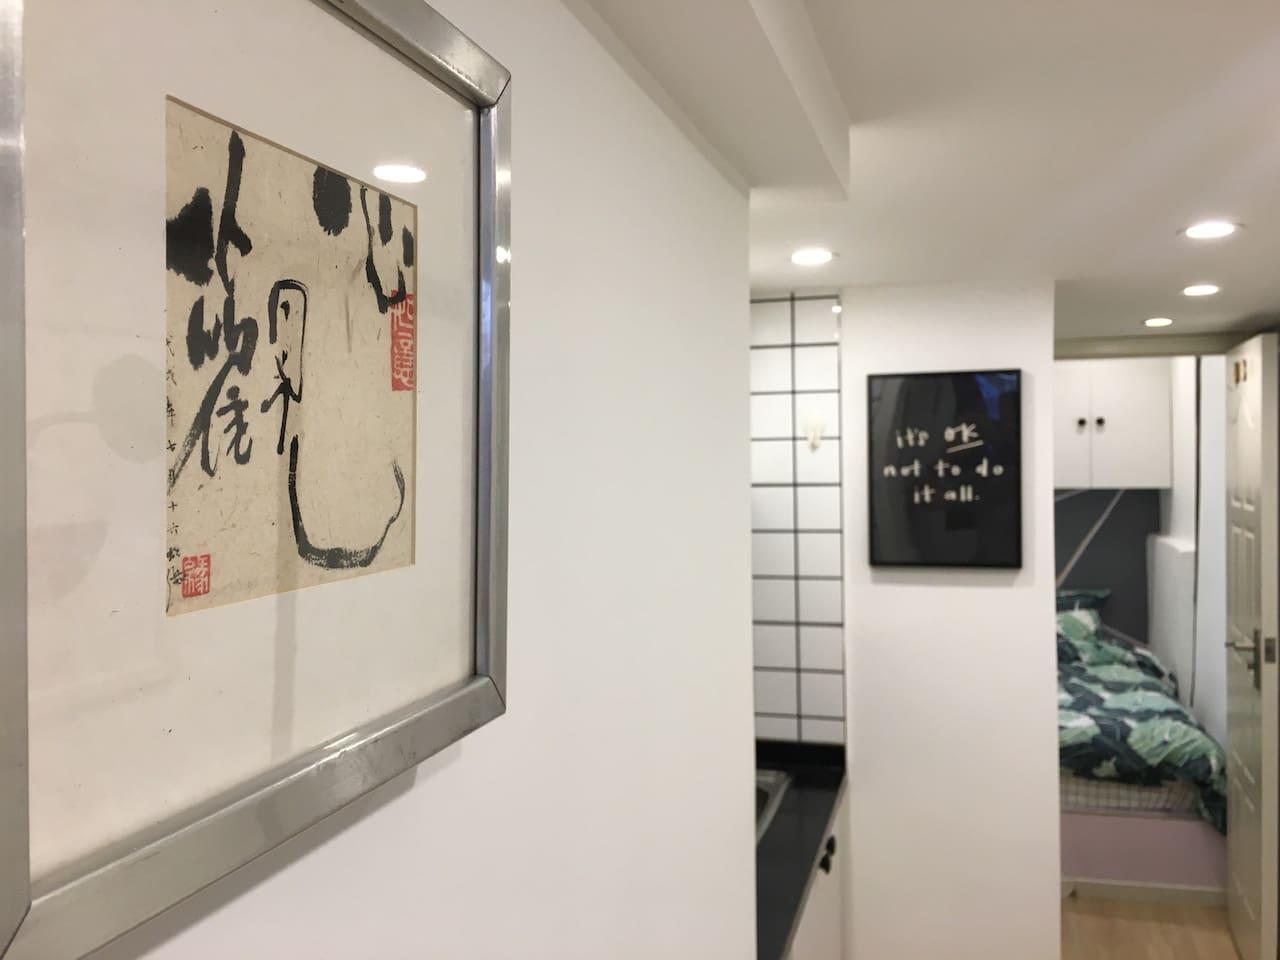 【觀心】#1上海市中心独立厨卫特色艺术民居进贤路网红街近淮海中路陕西南路南京西路地铁站